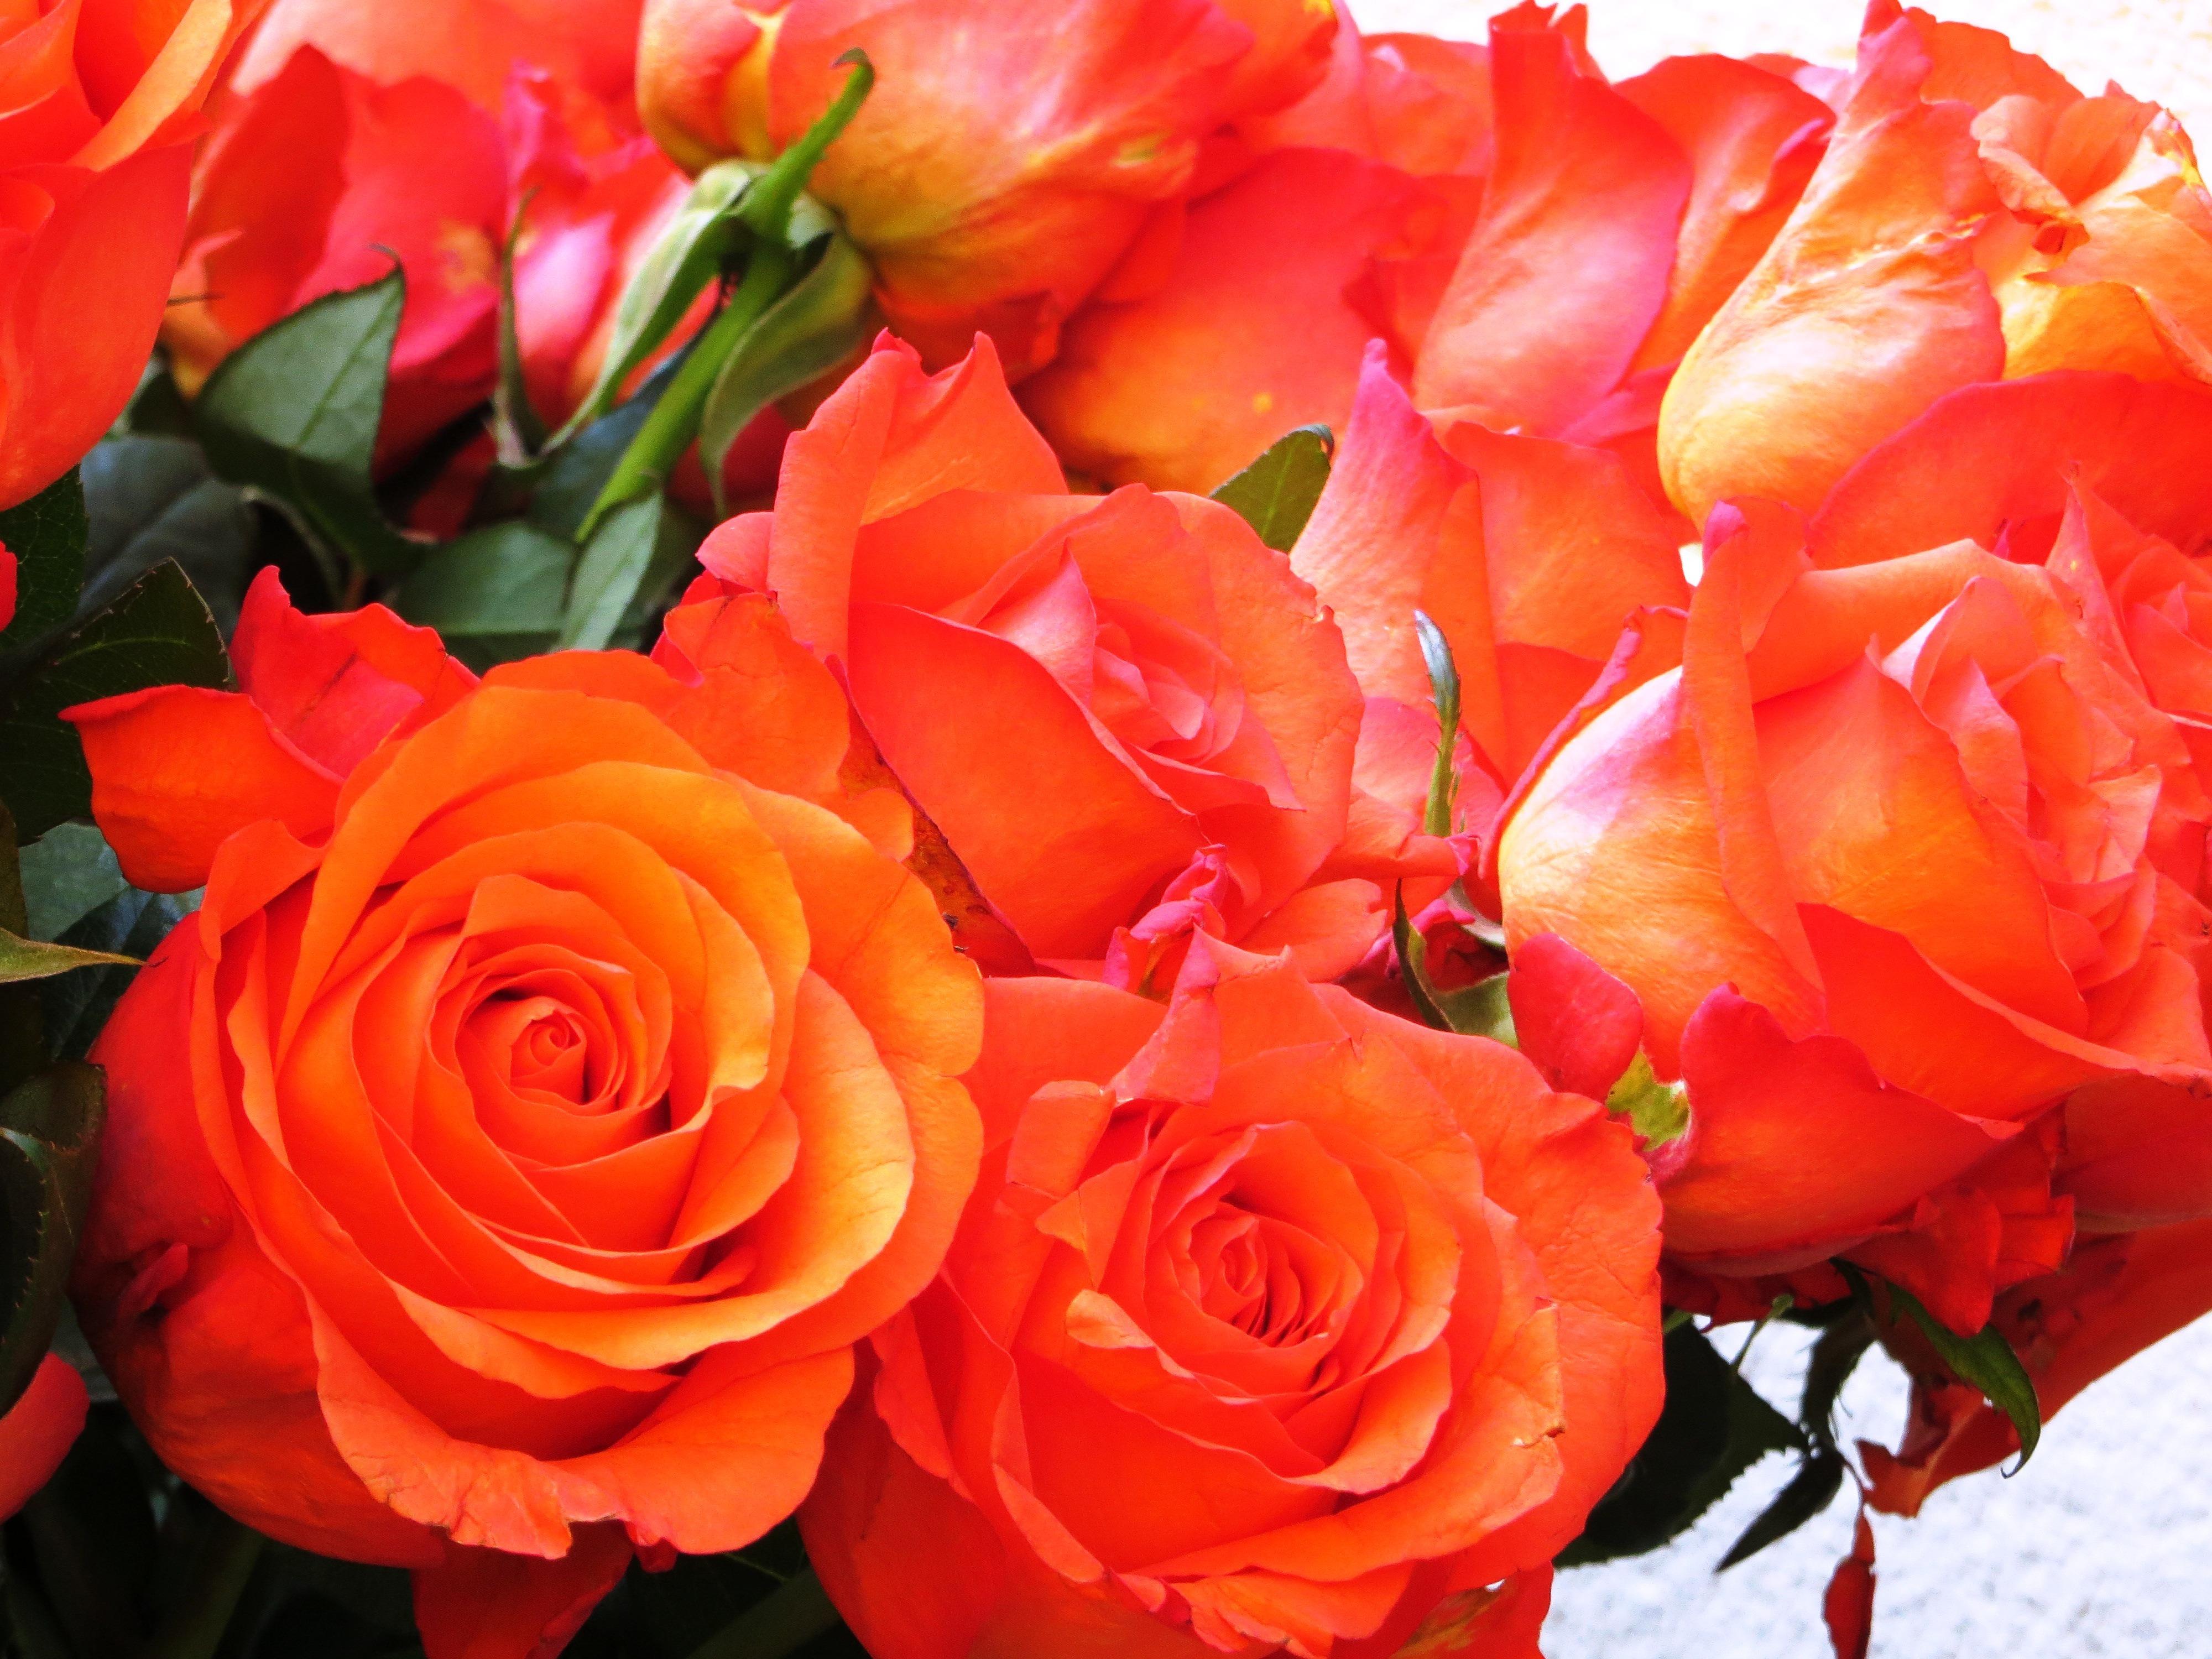 как оригинально картинки с оранжевыми розами тоже